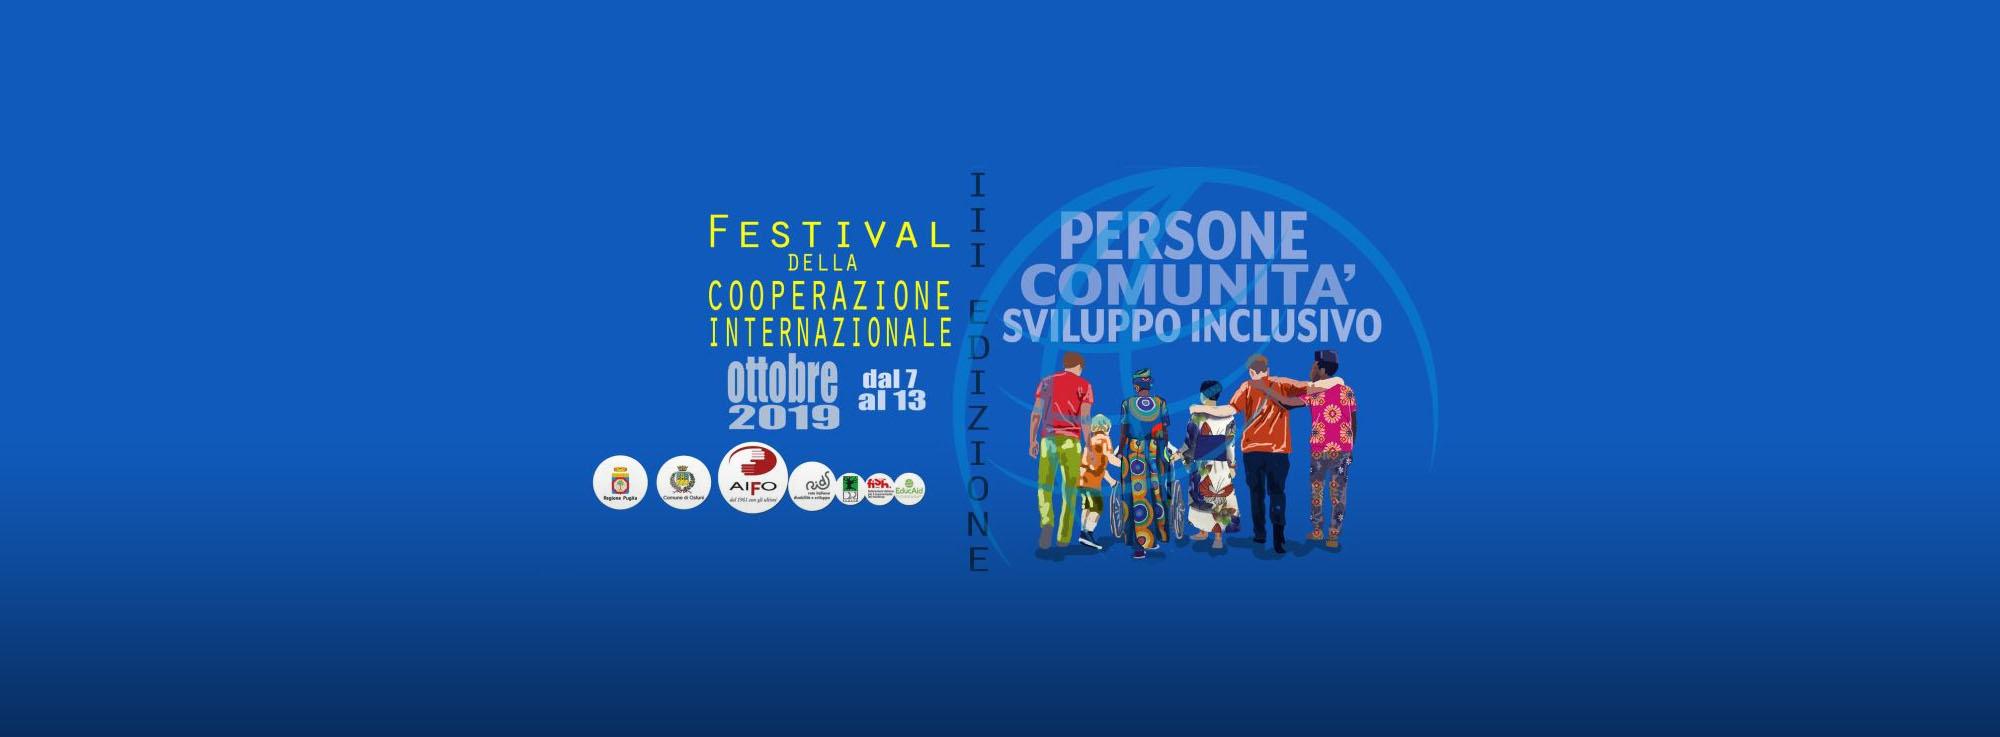 Ostuni, Taranto, Lecce: Festival della Cooperazione Internazionale